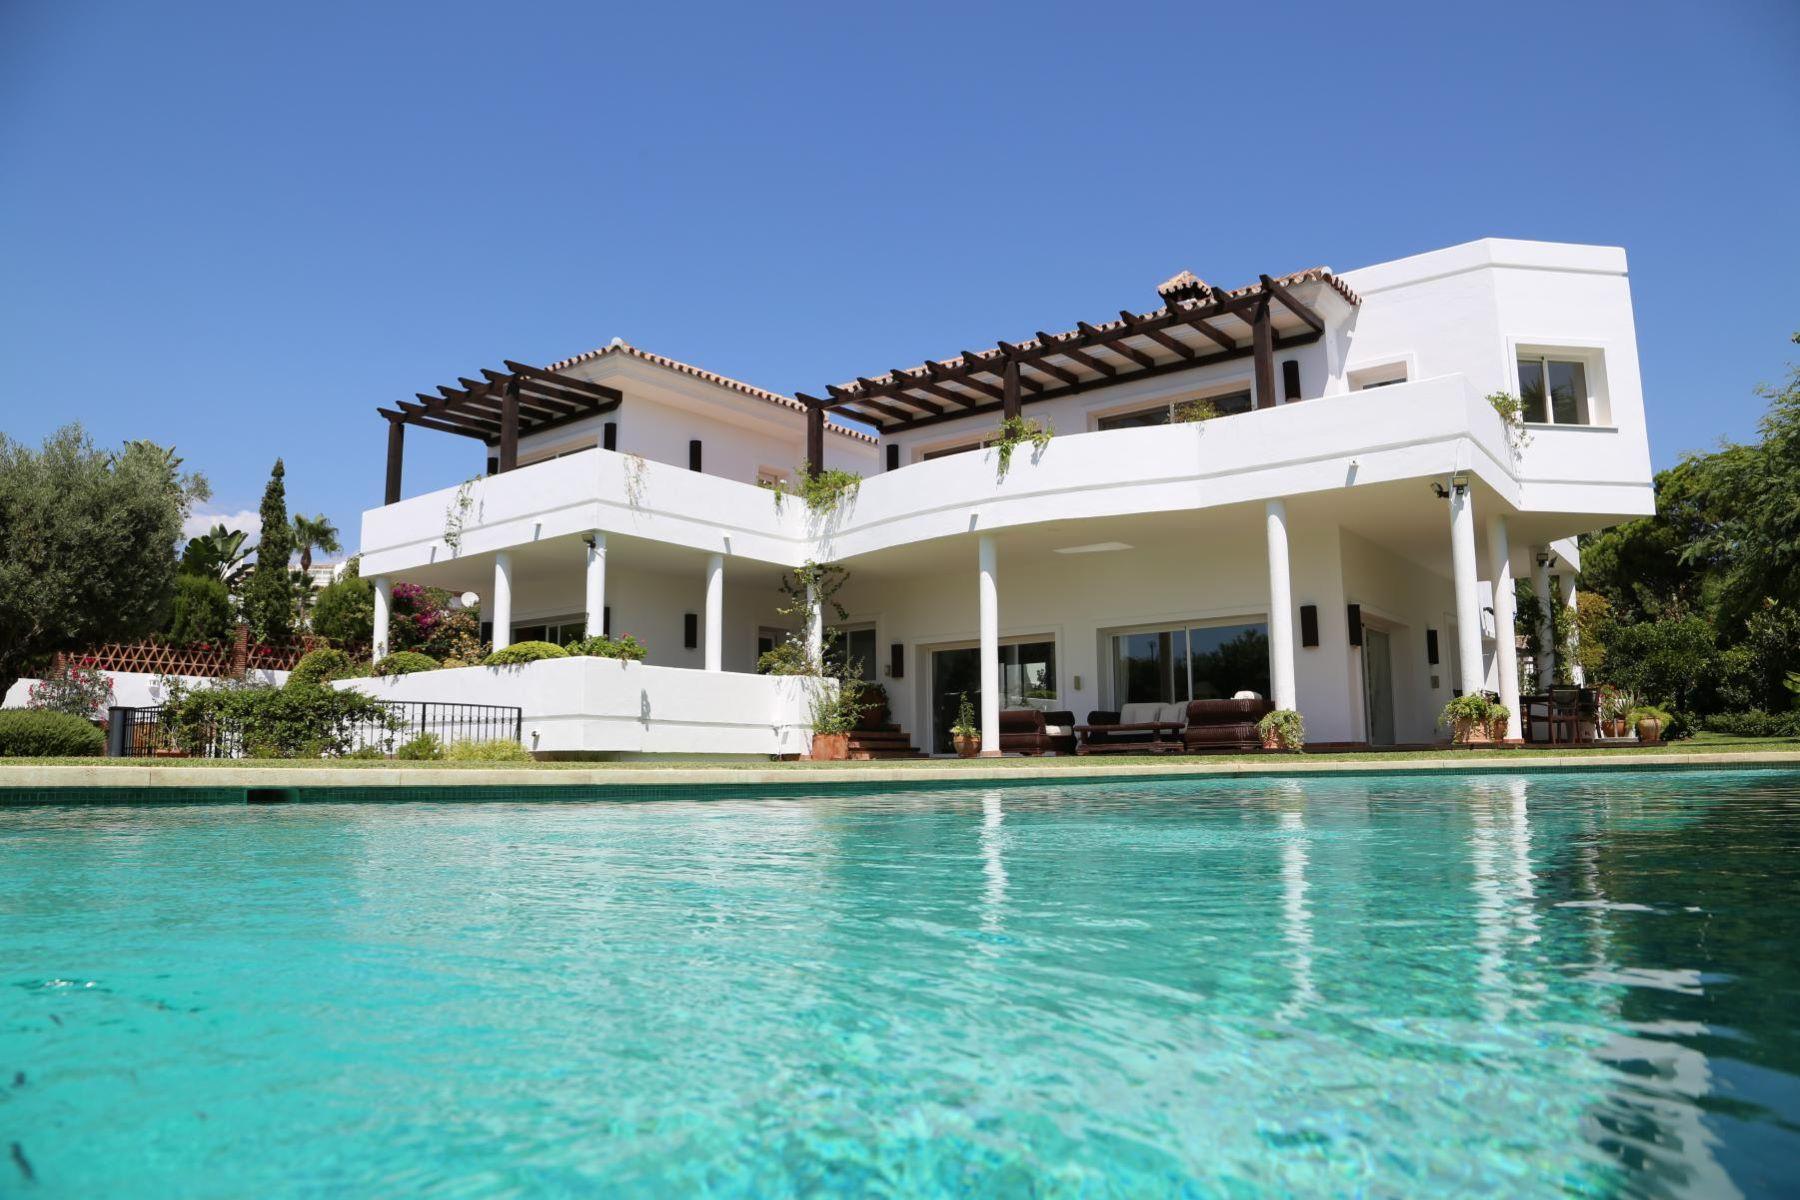 Maison unifamiliale pour l Vente à BEAUTIFUL FAMILY VILLA IN BAHIA DE MARBELLA Marbella, Andalousie, 29603 Espagne